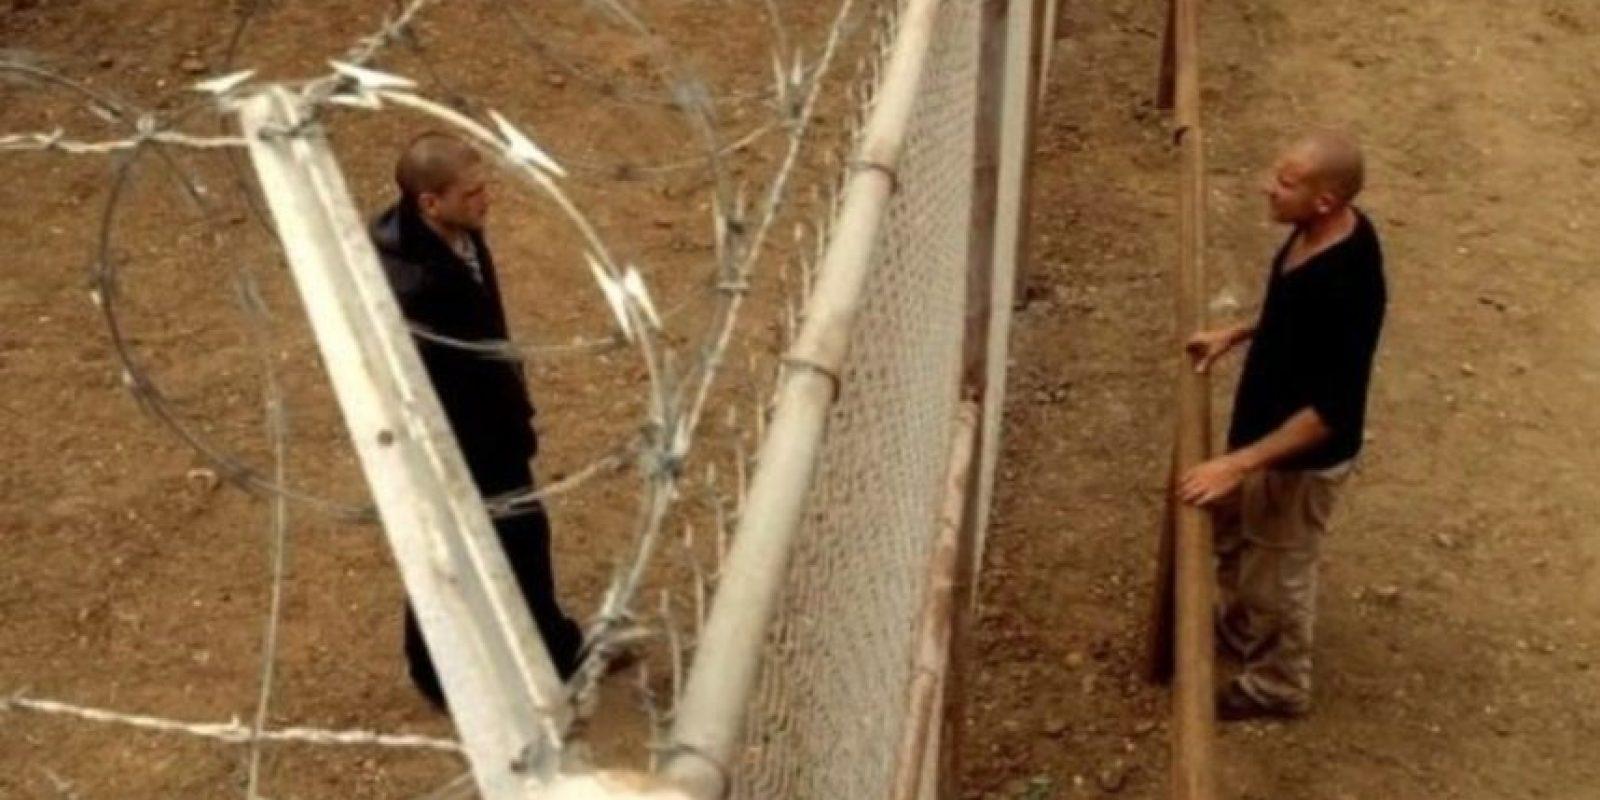 El rodaje de la primera temporada tuvo lugar en la correccional de Joliet en Illinois, Estados Unidos Foto:IMDB